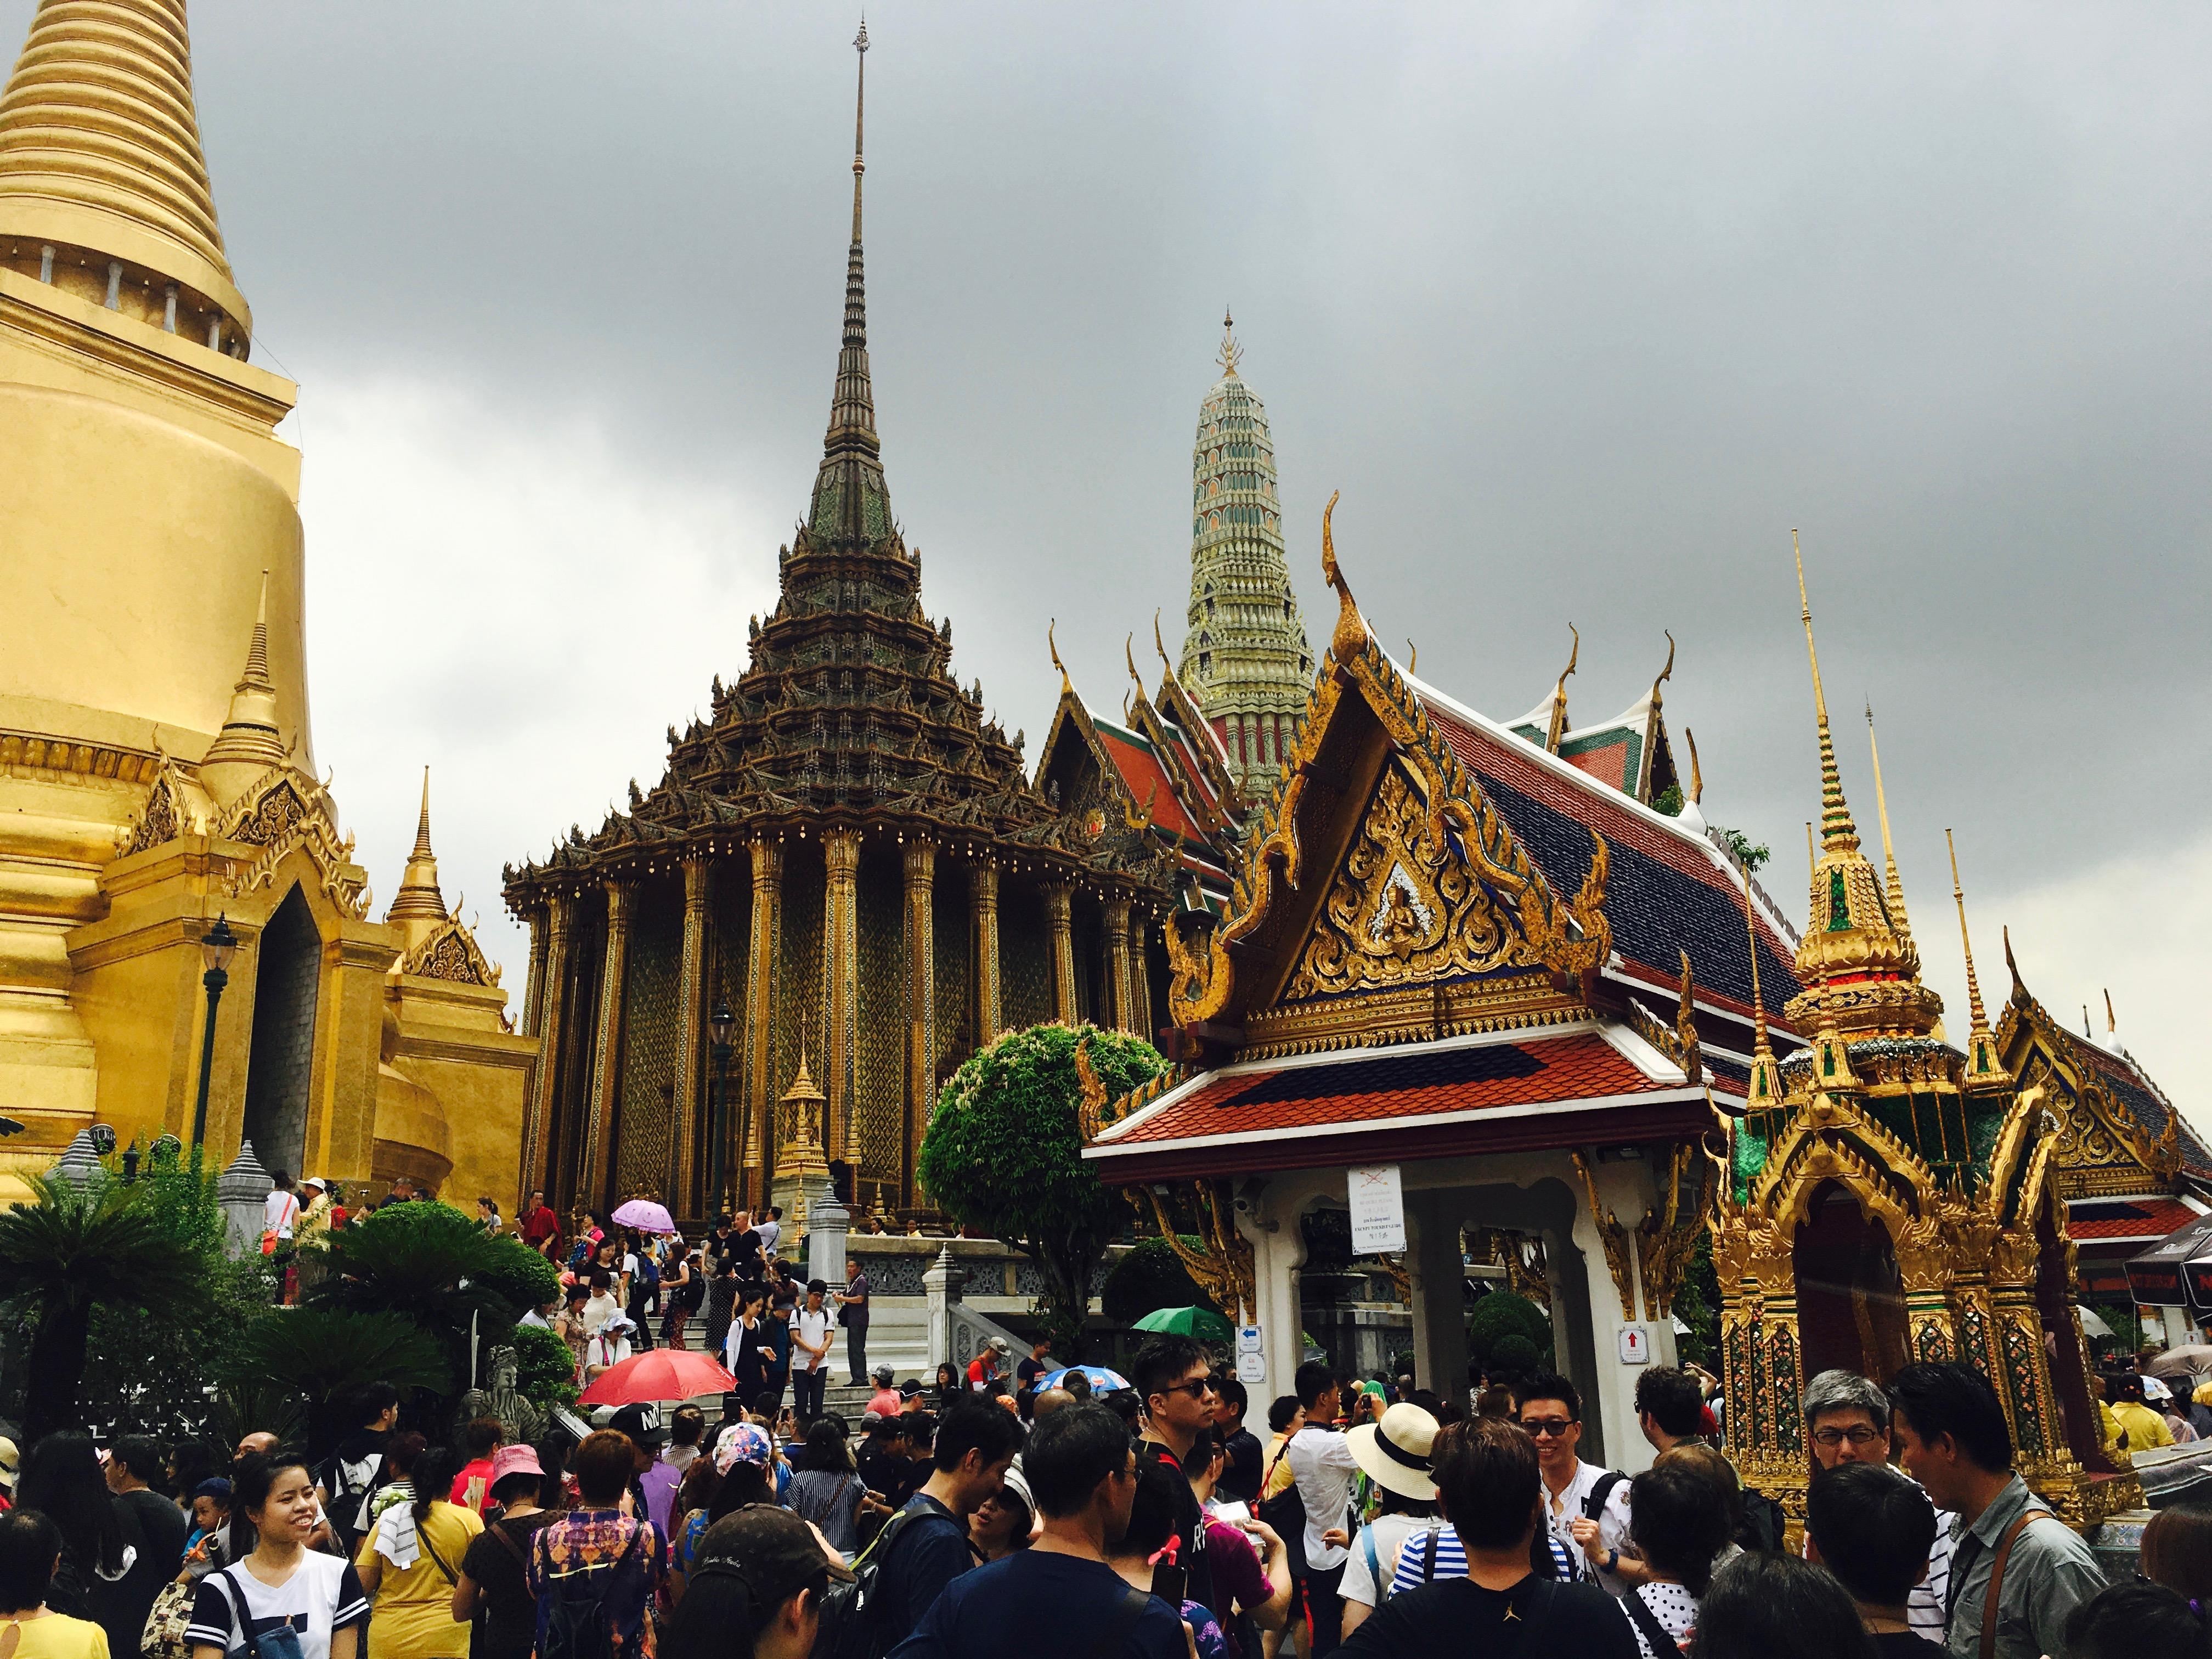 Grand Palace-Bangkok, Thailand